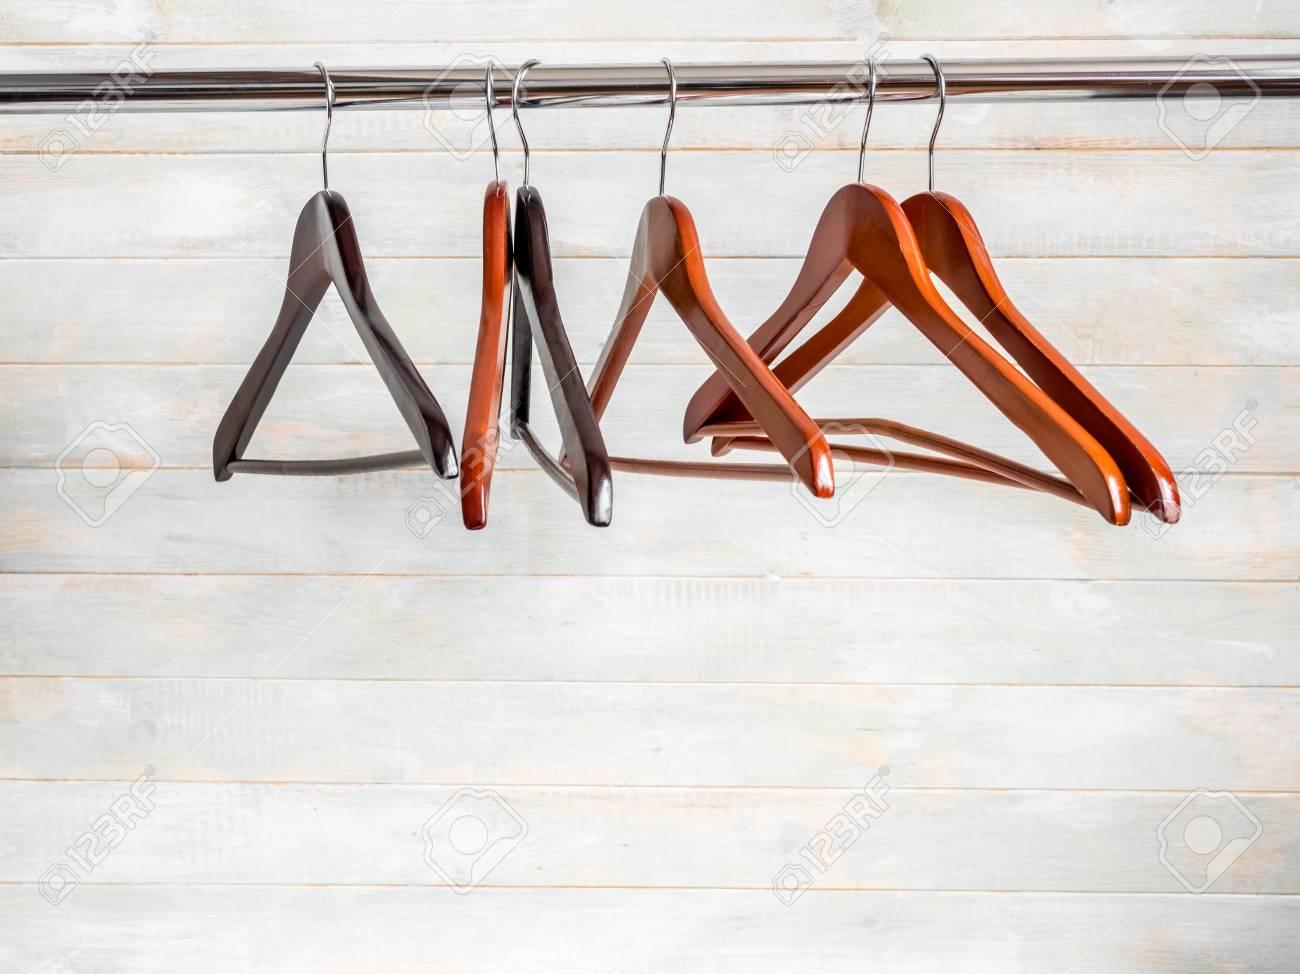 Brown wooden hangers on the rack - 105808910